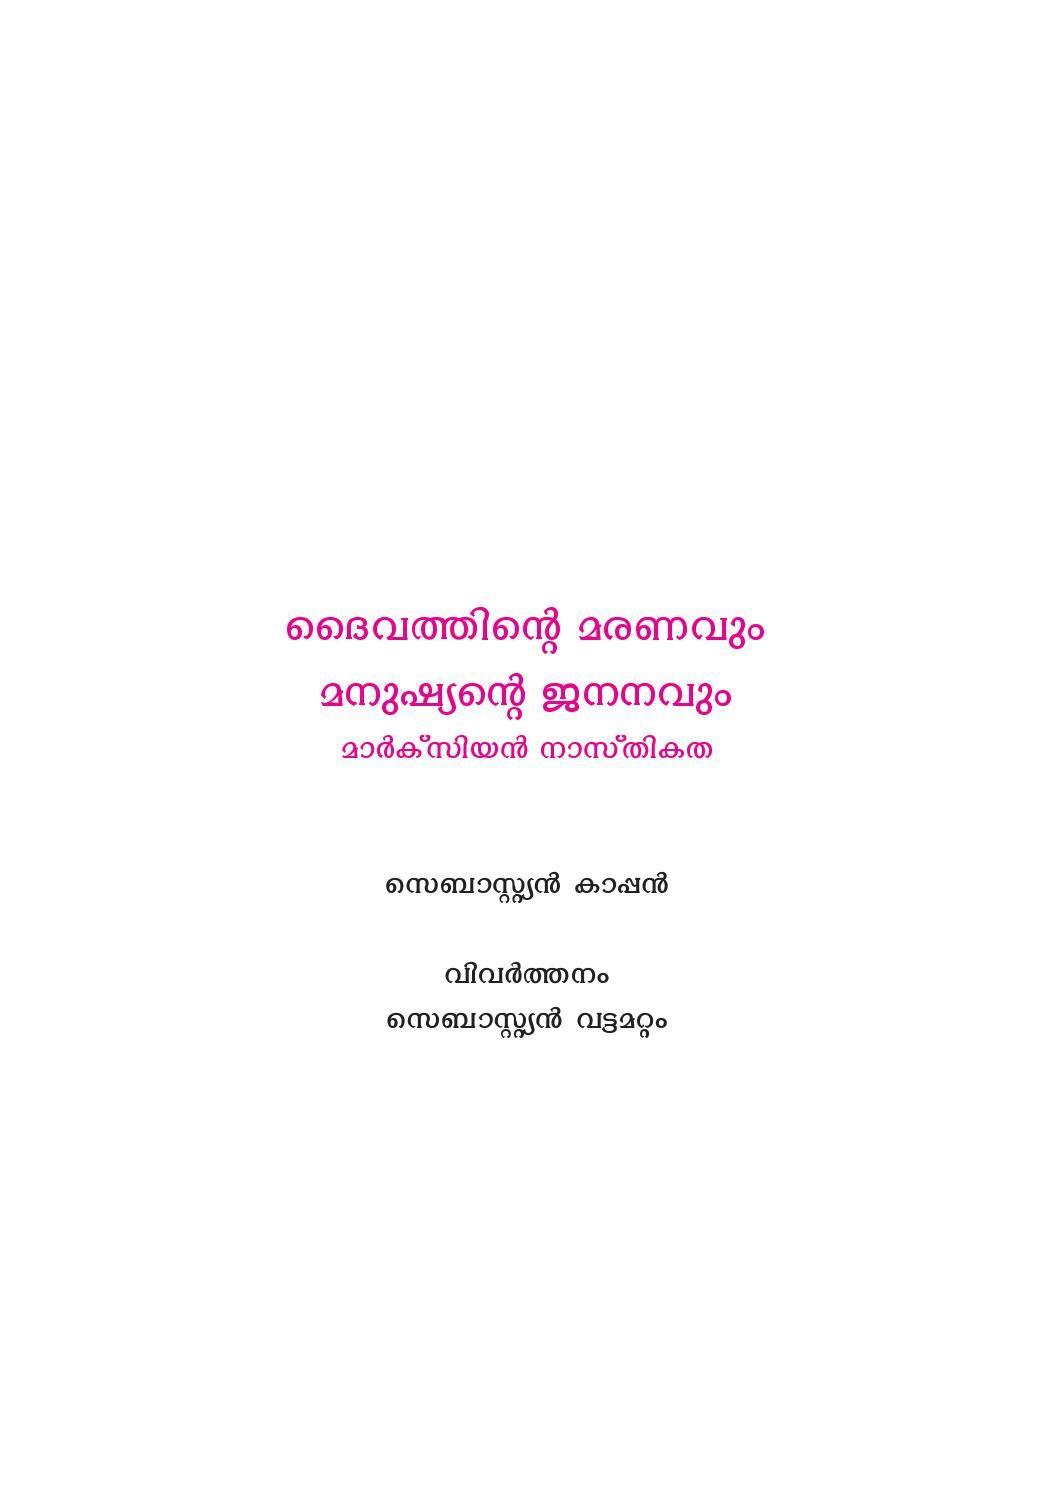 Neermathalam Pootha Kalam Malayalam Pdf